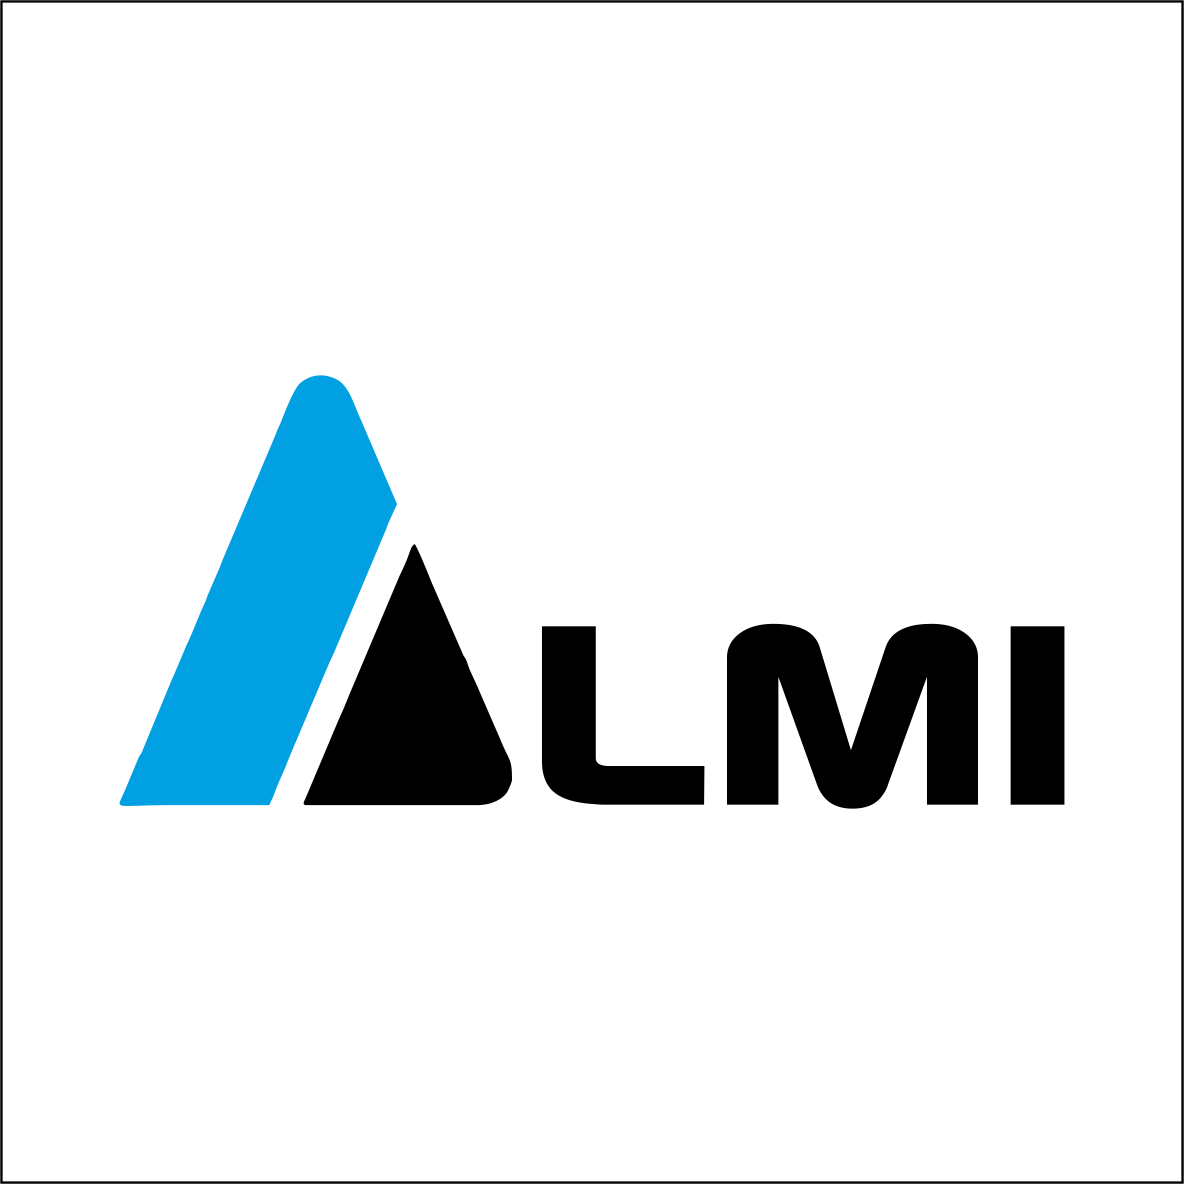 Разработка логотипа и фона фото f_909598acecec28d1.png